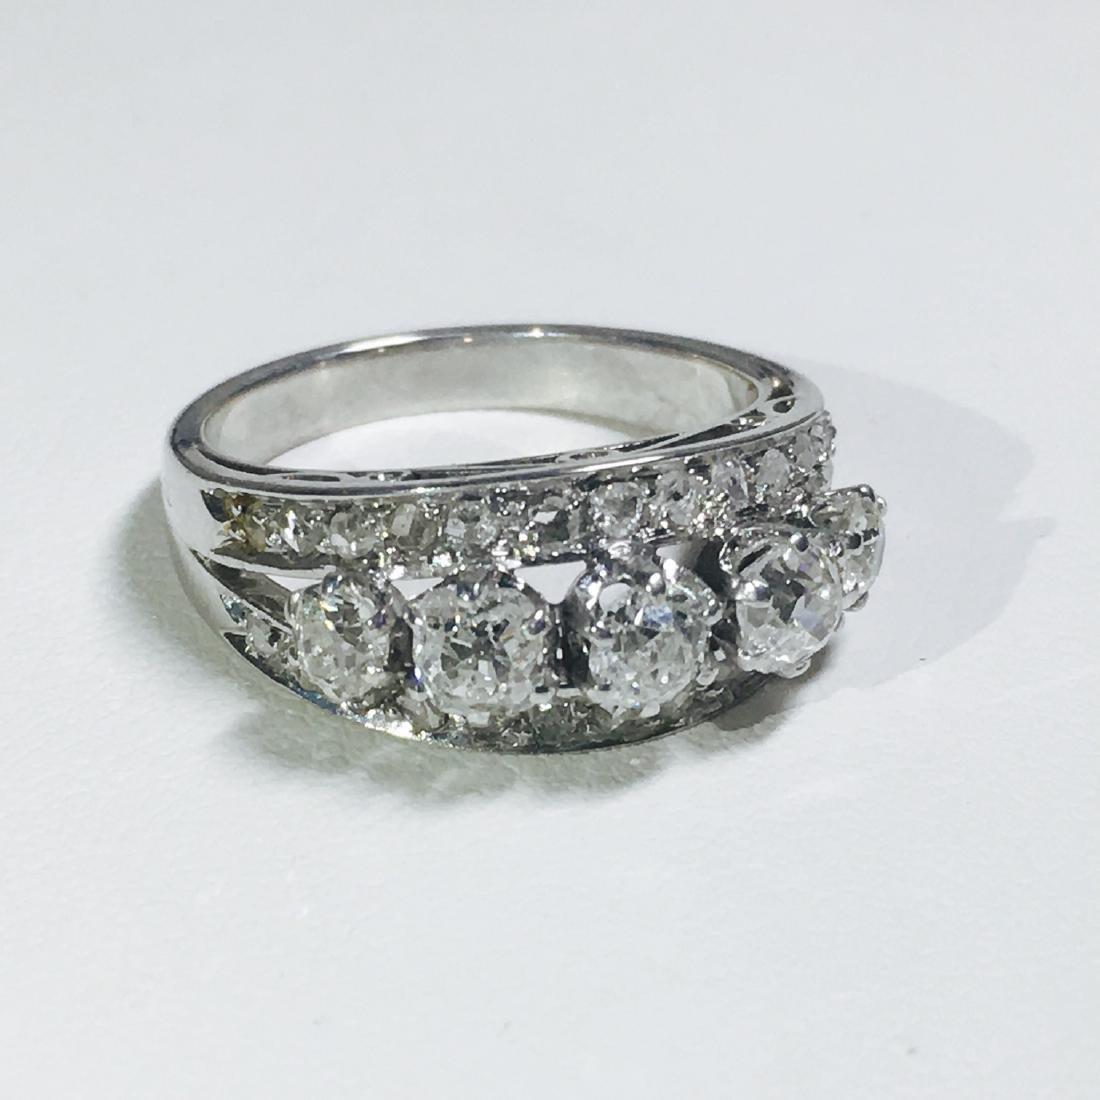 Vintage 18K White Gold, 1.25 CT VS/G Diamond Ring (GIA) - 4